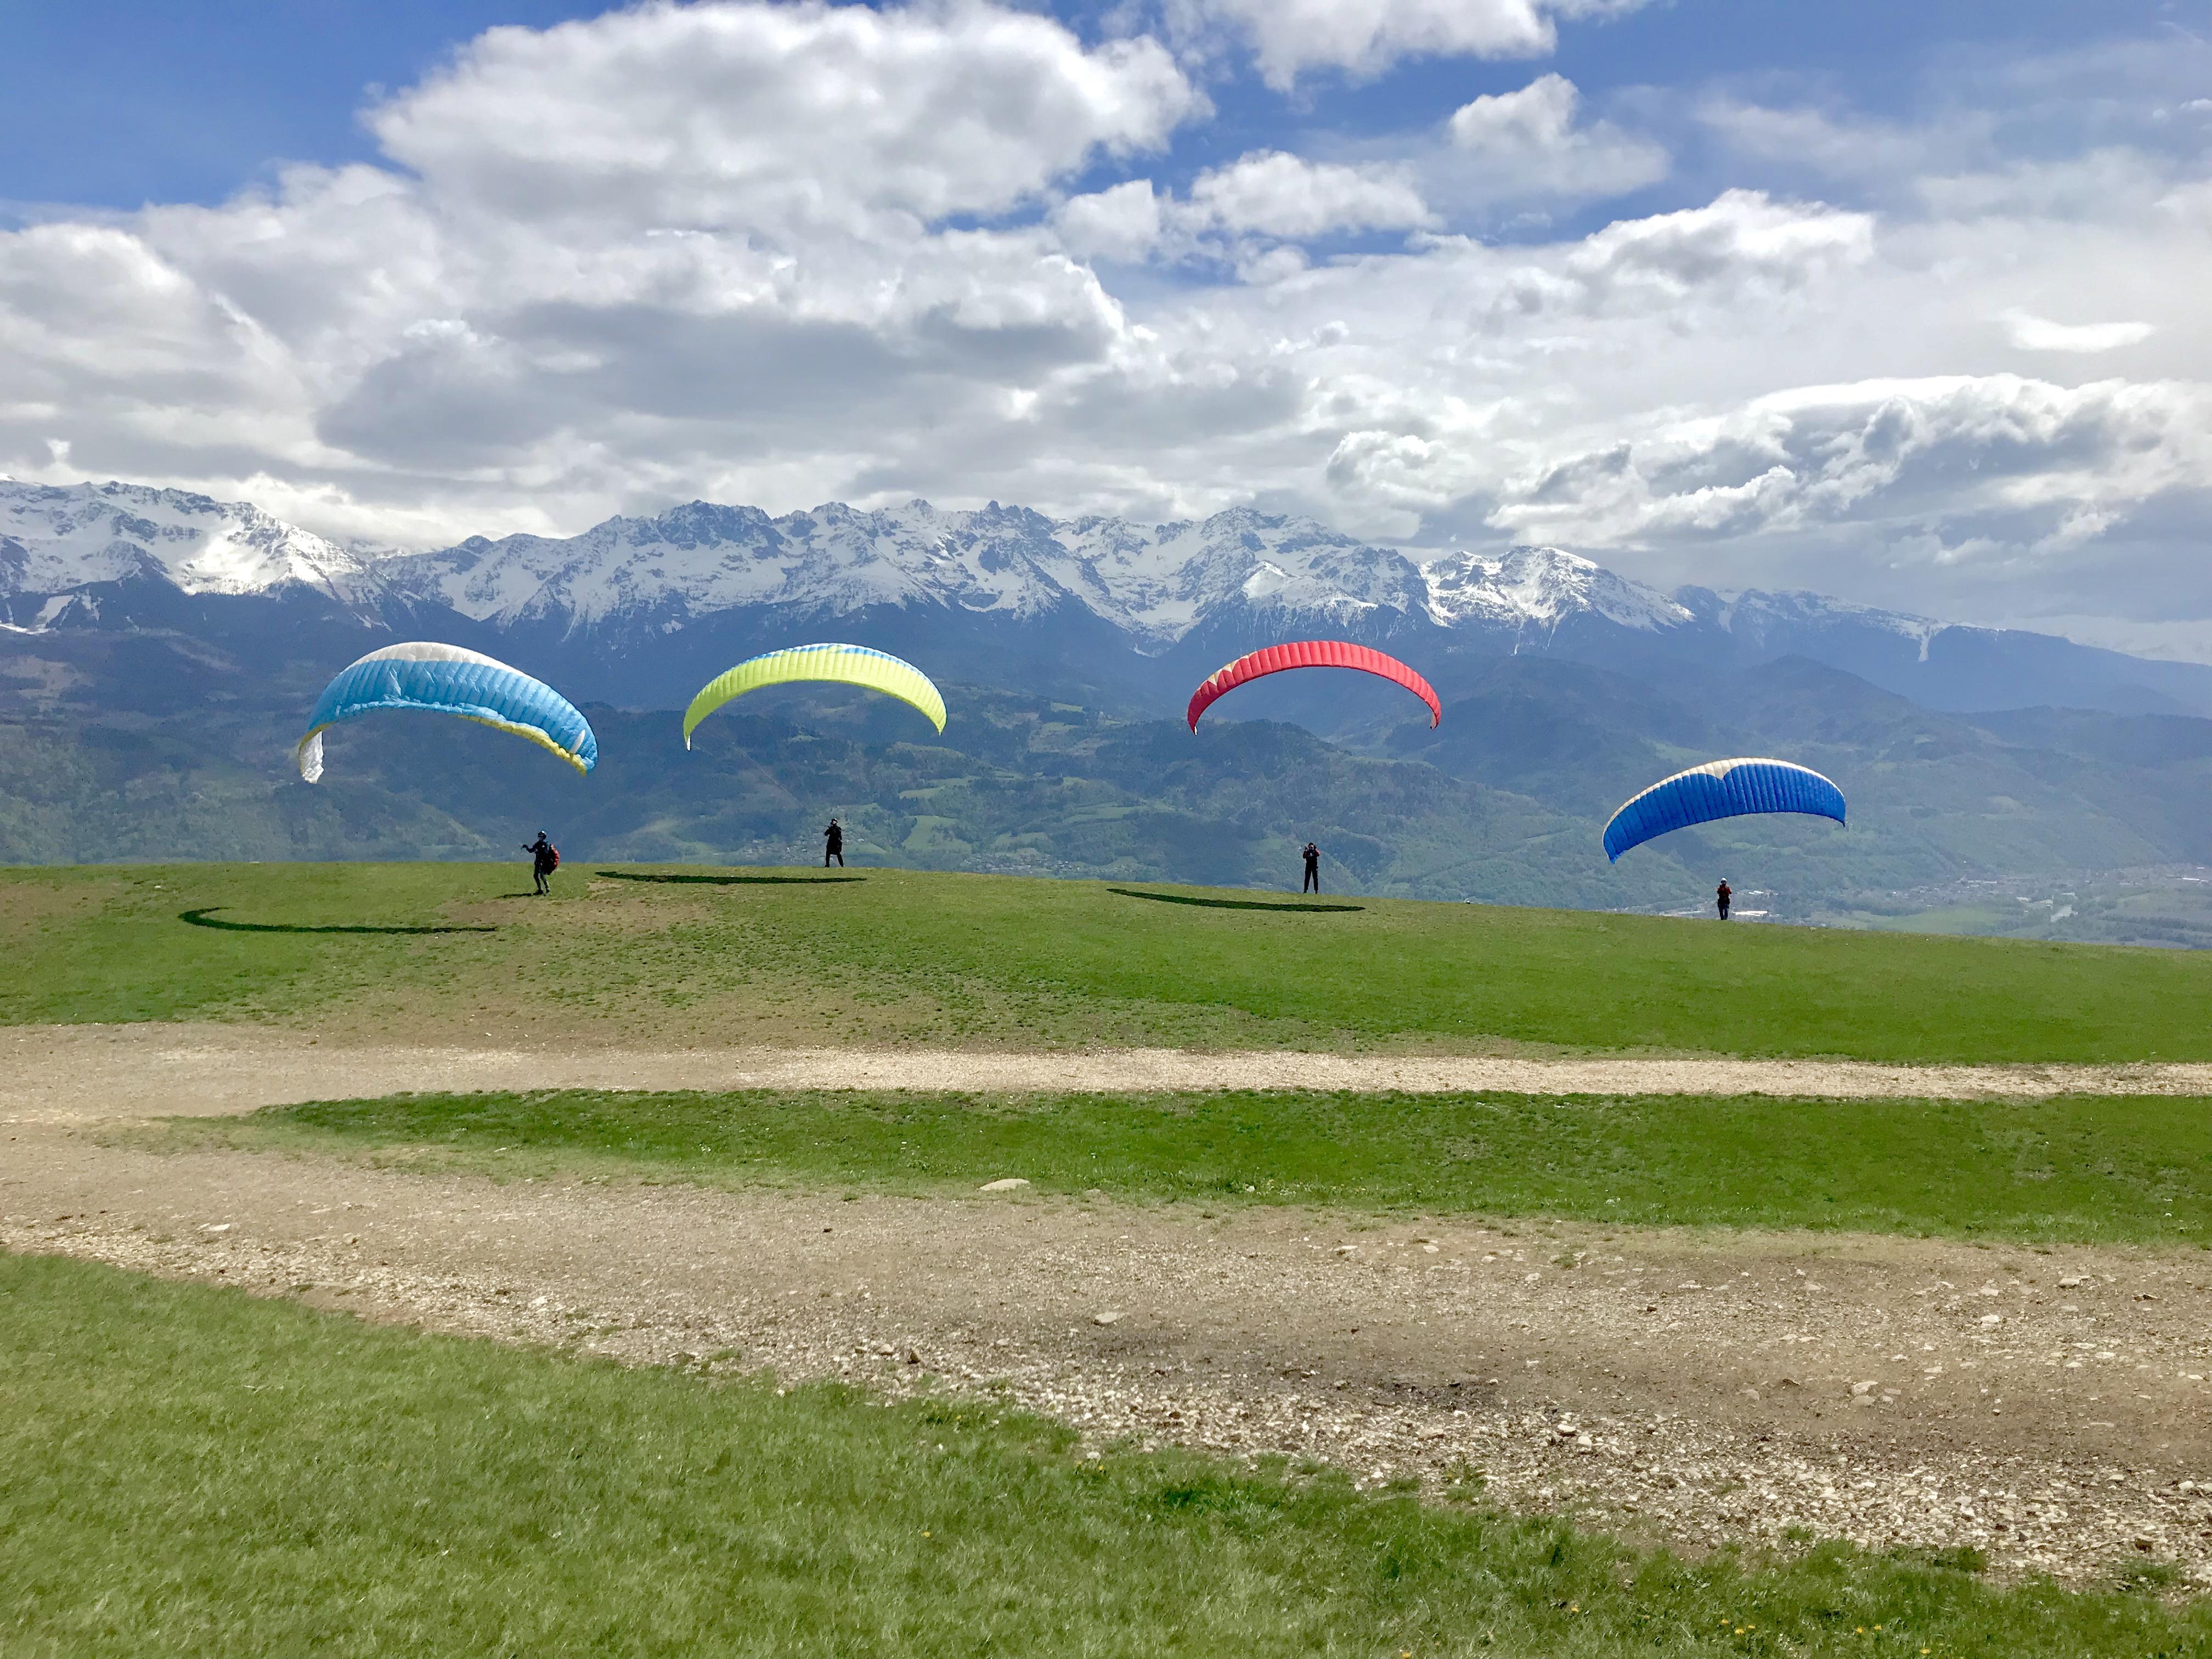 site réputé guetter découvrir les dernières tendances I PARAPENTE I 1 stage de parapente initiation dans les Alpes ...